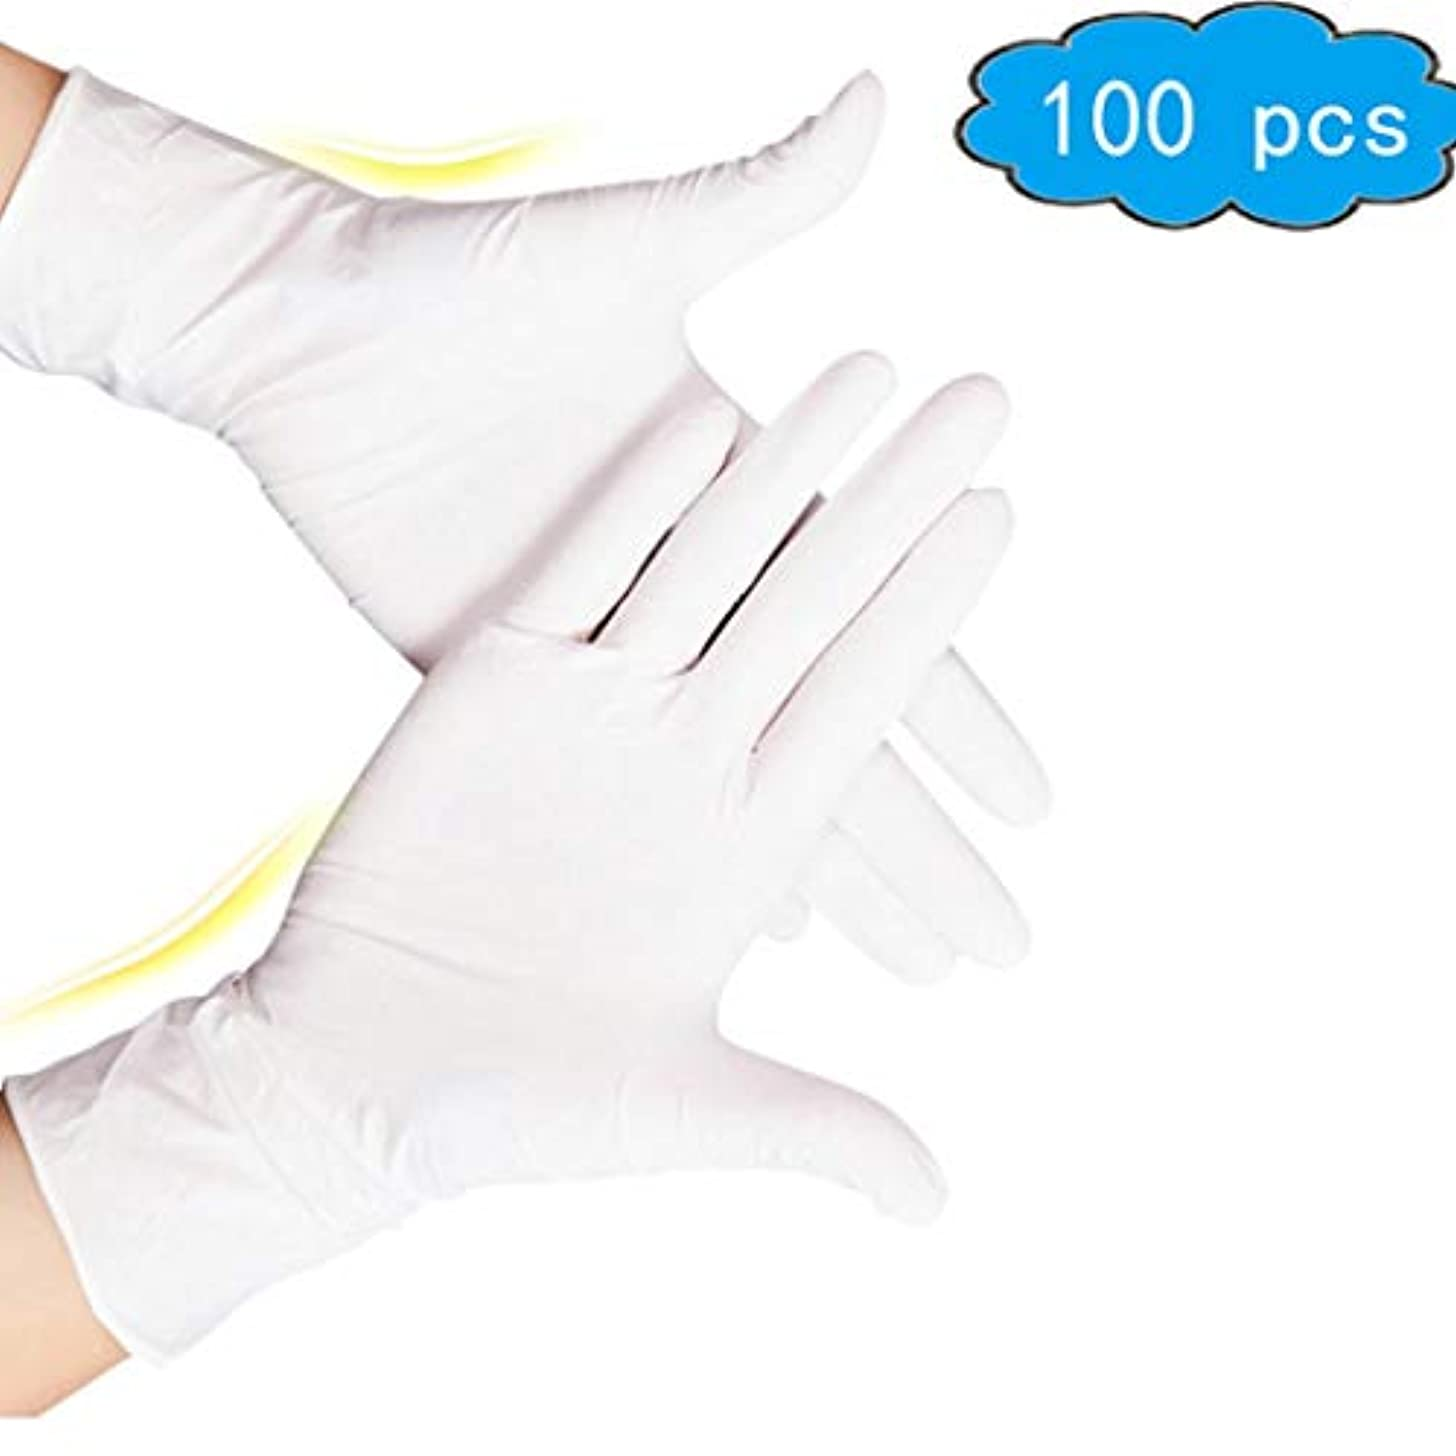 安価な倉庫のスコアホワイトニトリル使い捨て手袋 - 質感、検査、パウダーフリー、極厚5ミル、極太12